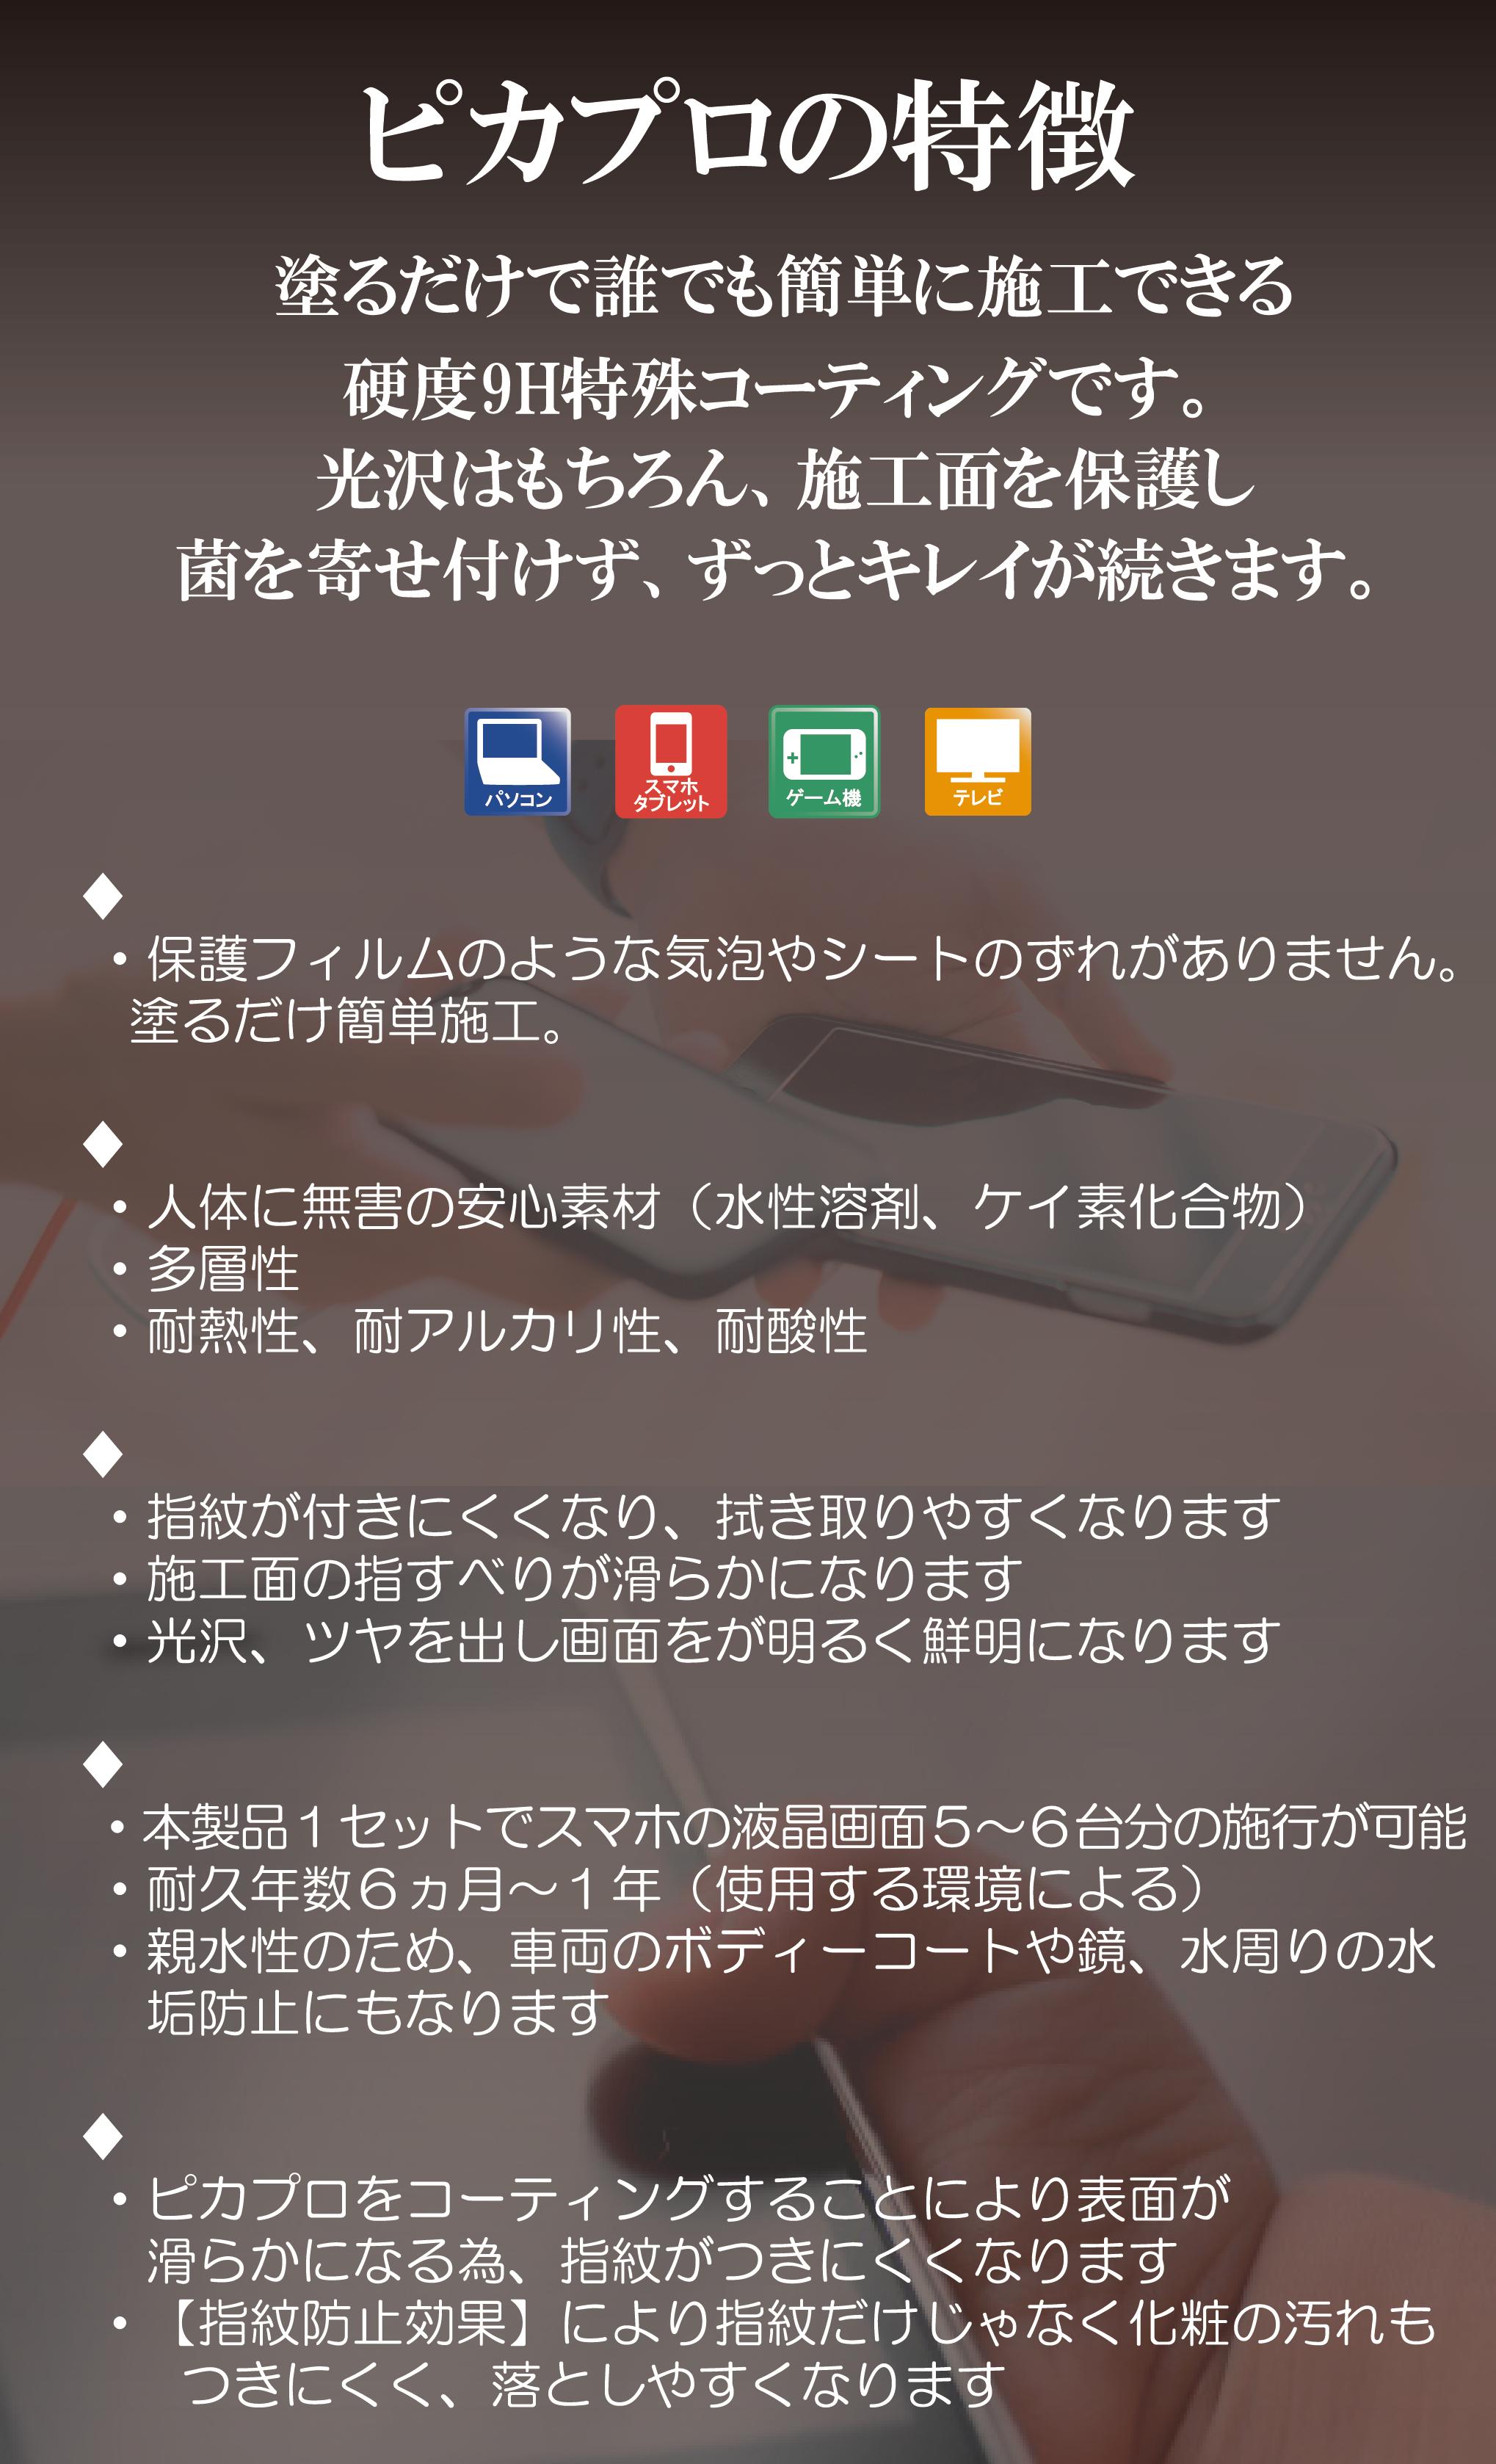 ピカプロの特長_縦版-01